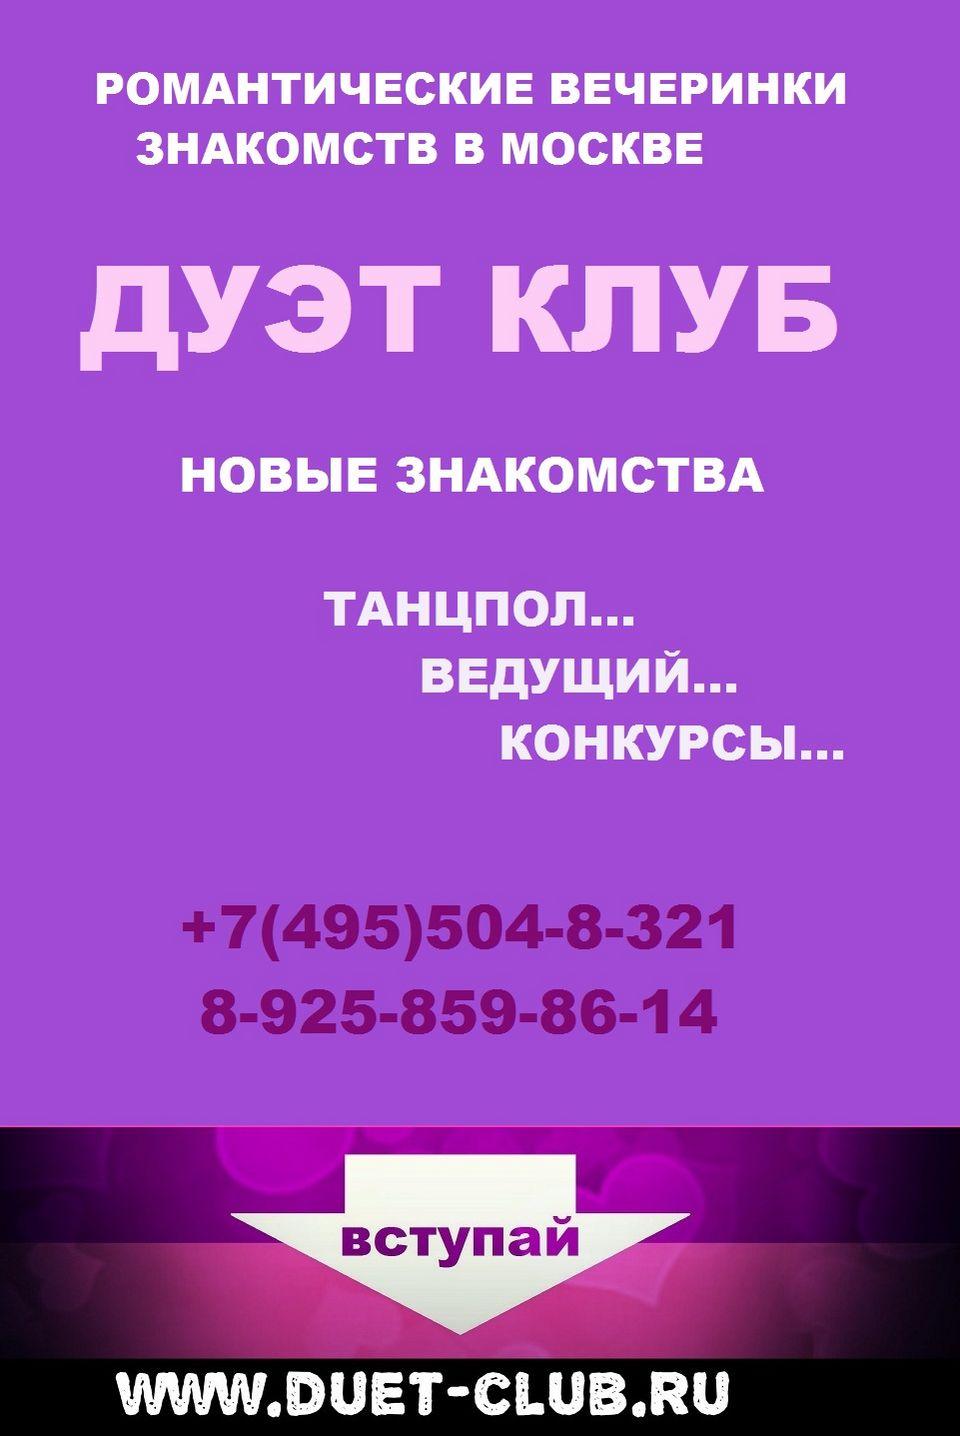 рейтинг вечеринок знакомств в москве